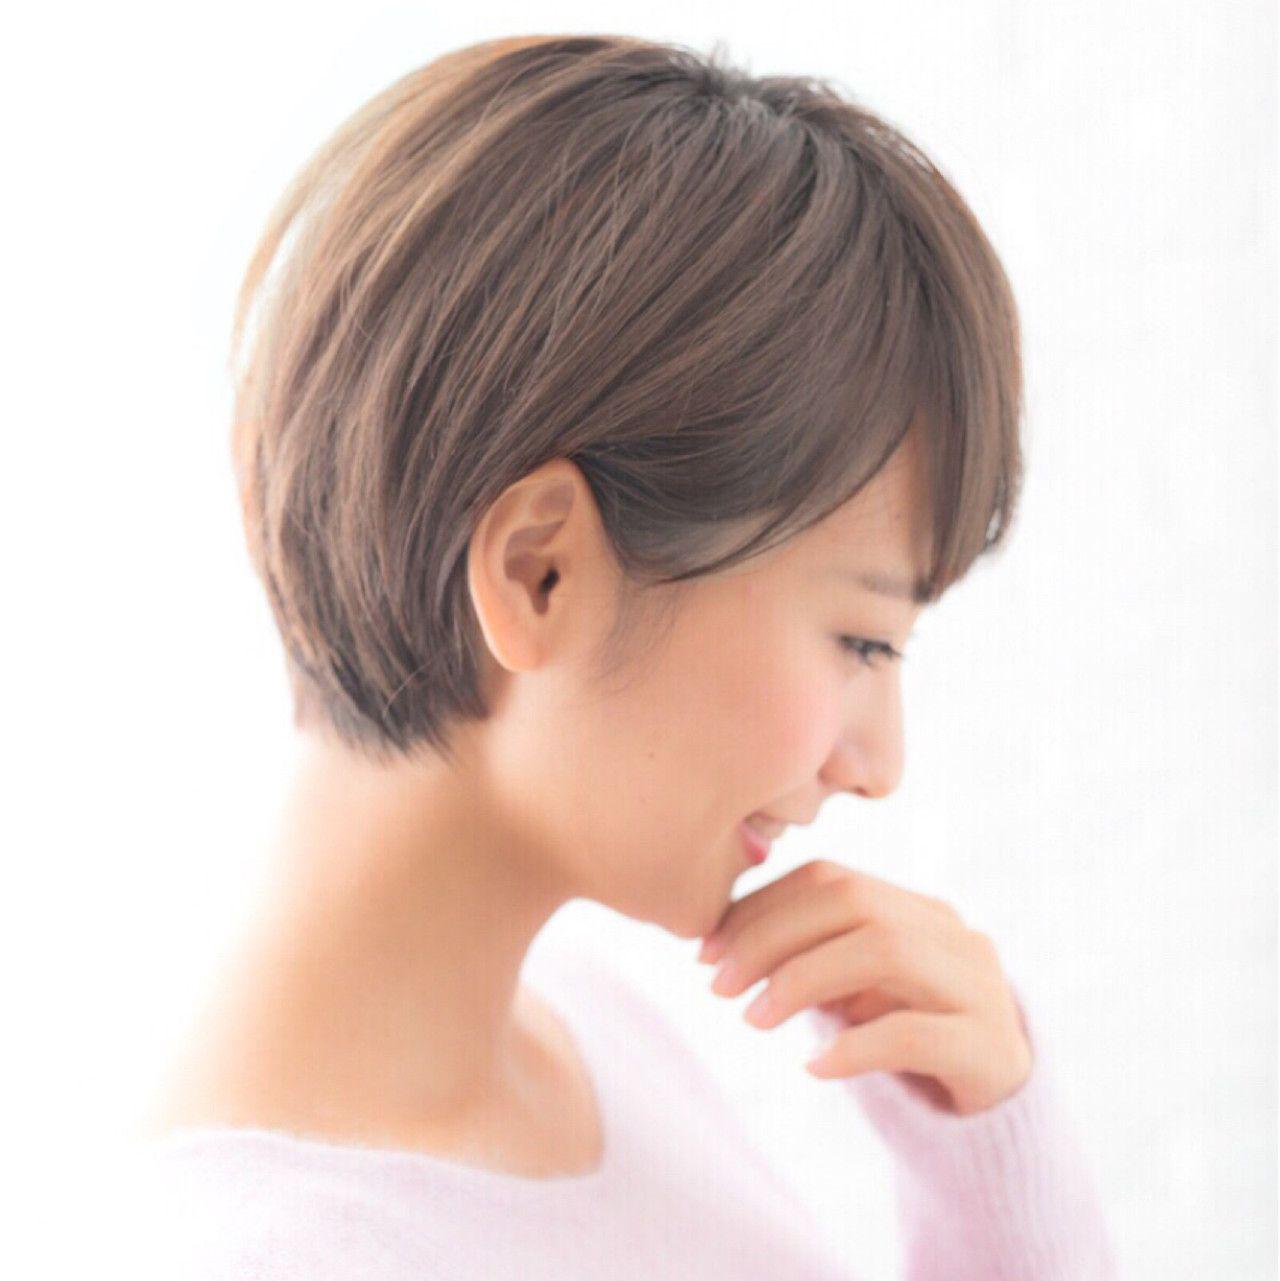 丸みが女性らしさを引き立たせる 大人可愛い耳かけショートヘア